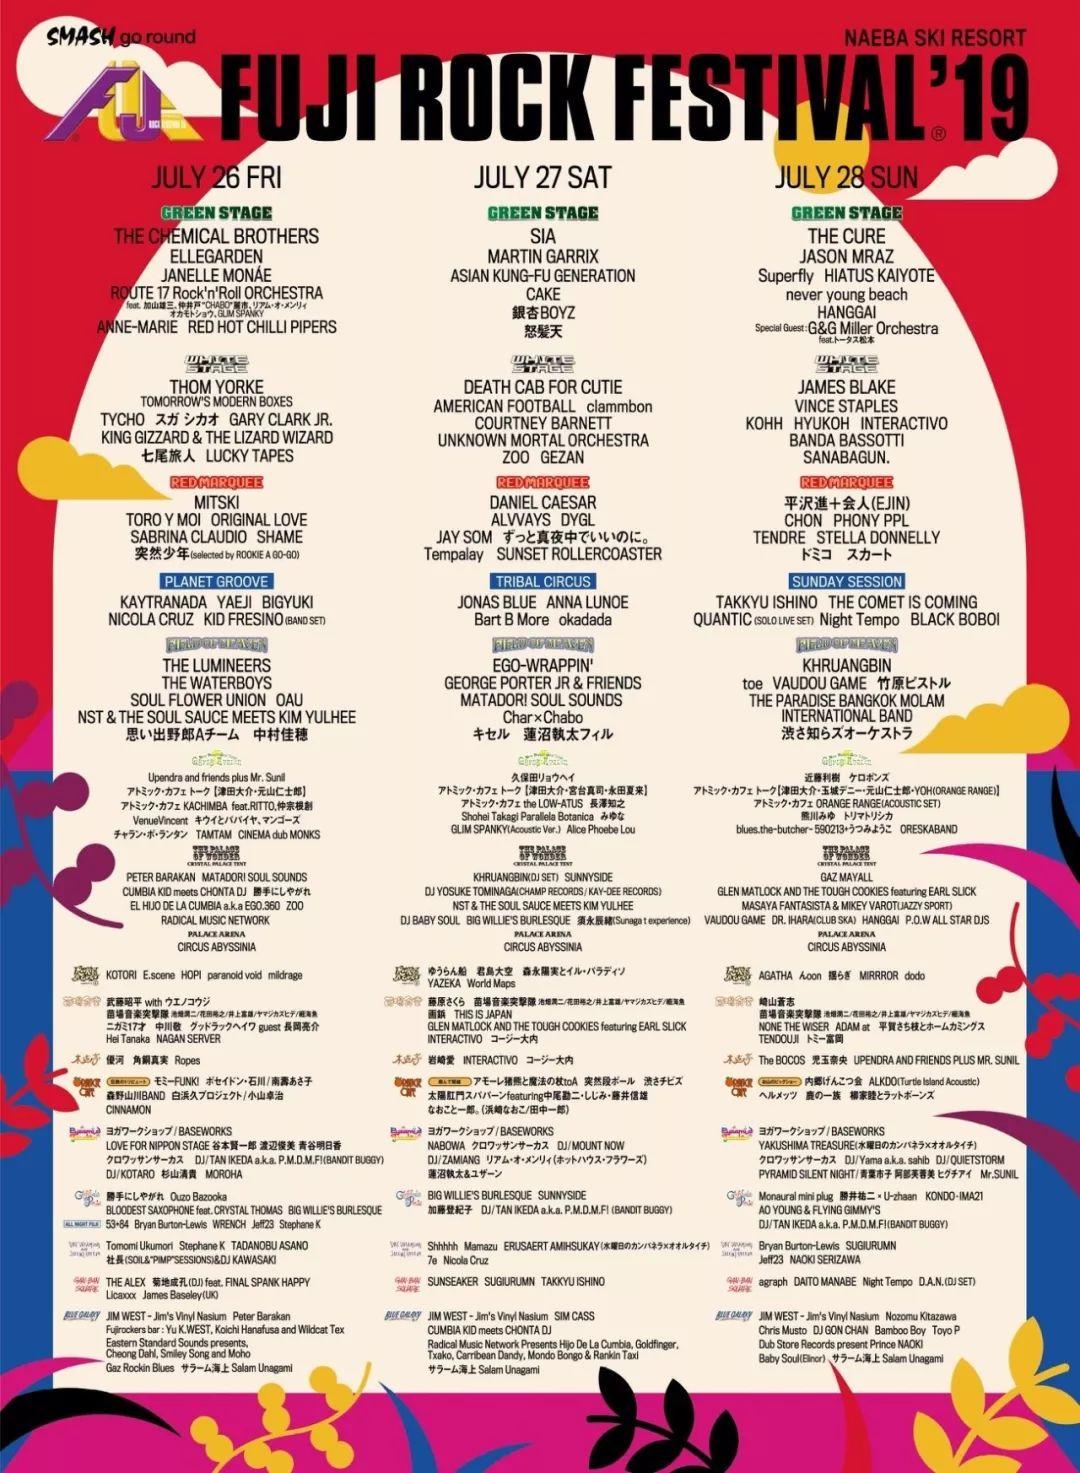 杭盖乐队即将登上亚洲最大摇滚音乐节 FUJI ROCK FESTIVAL 第3张